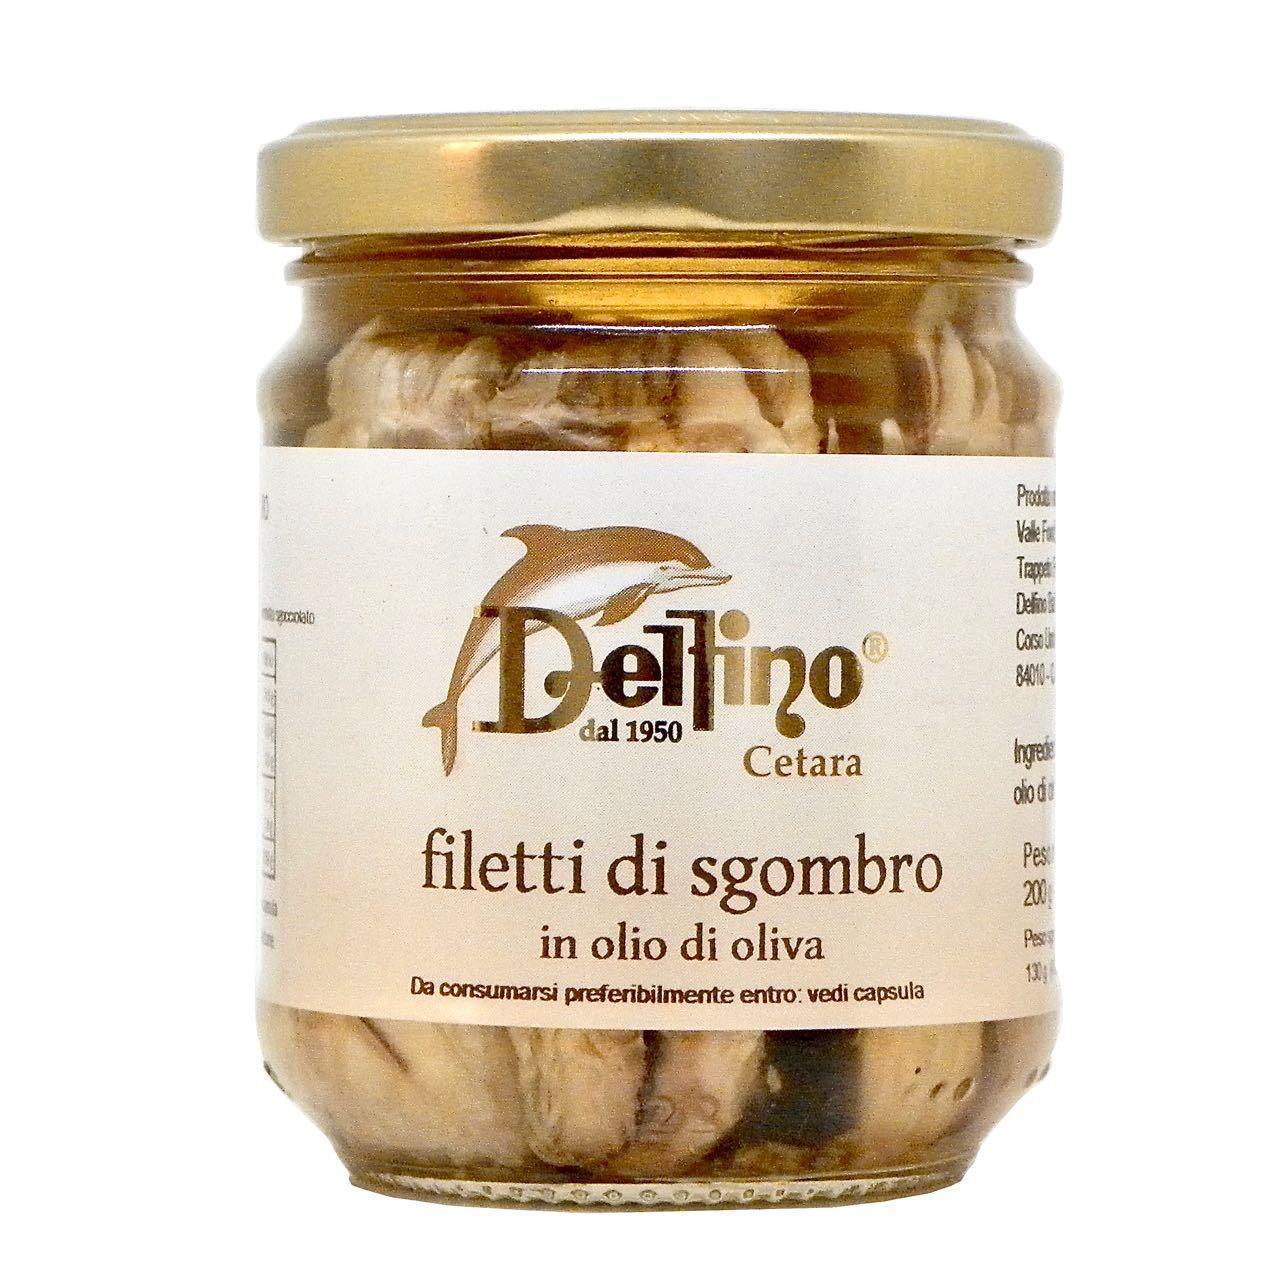 Filetti di sgombro Delfino Battista – Delfino Battista's Mackerel fillets in olive oil – Gustorotondo Italian food boutique – I migliori cibi online – Best Italian foods online – spesa online